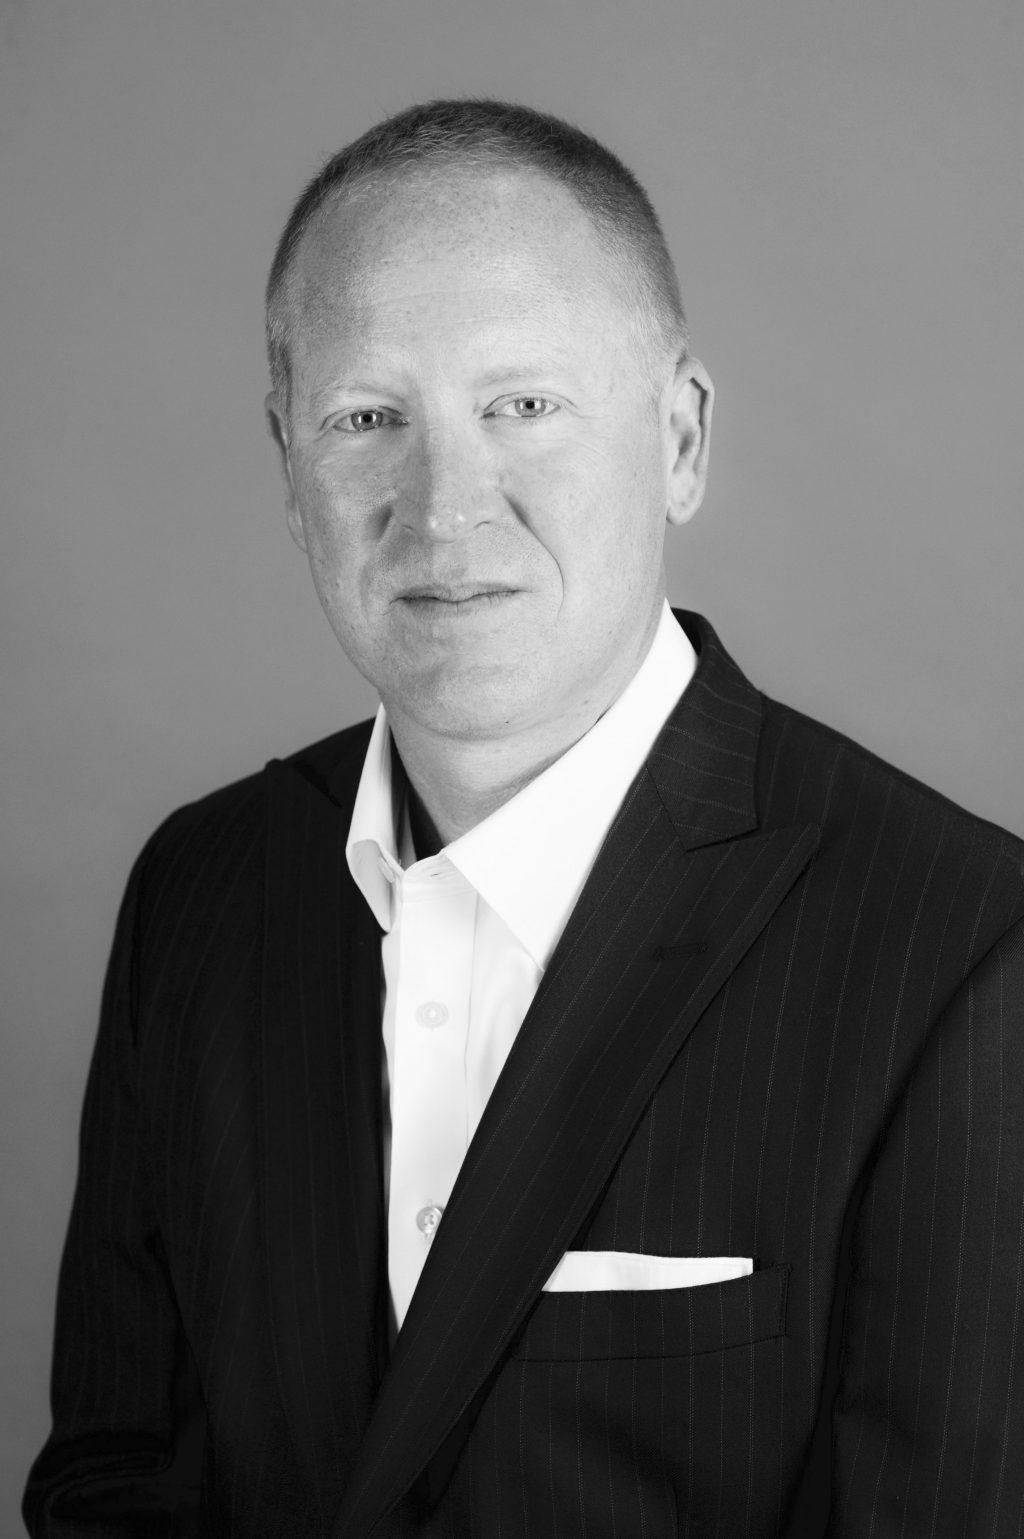 Geoff Porter